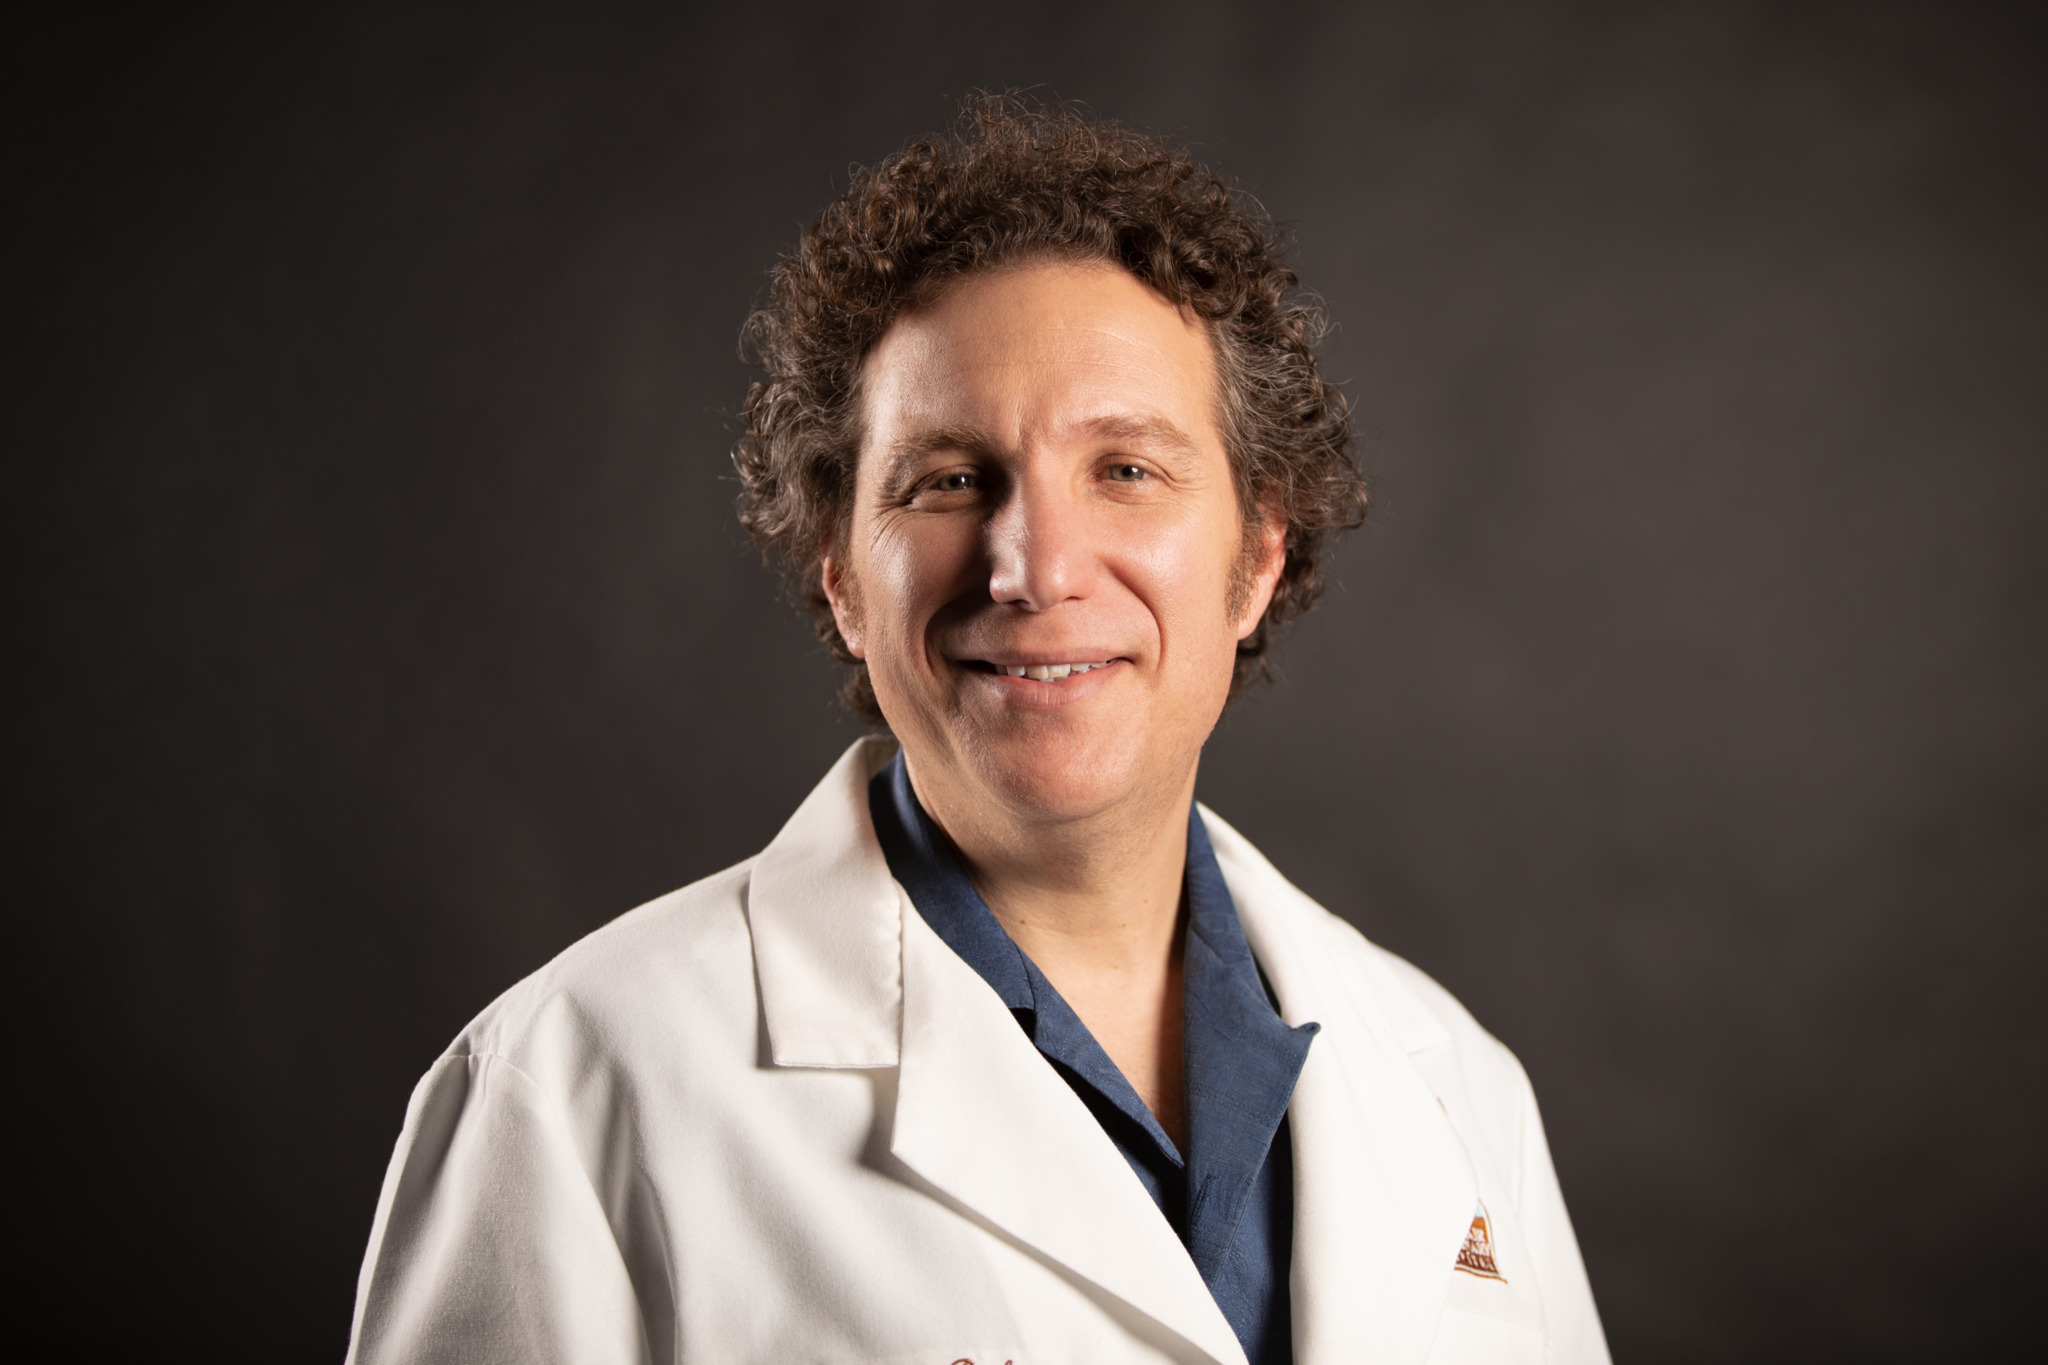 Dr. Gary Richter, DVM